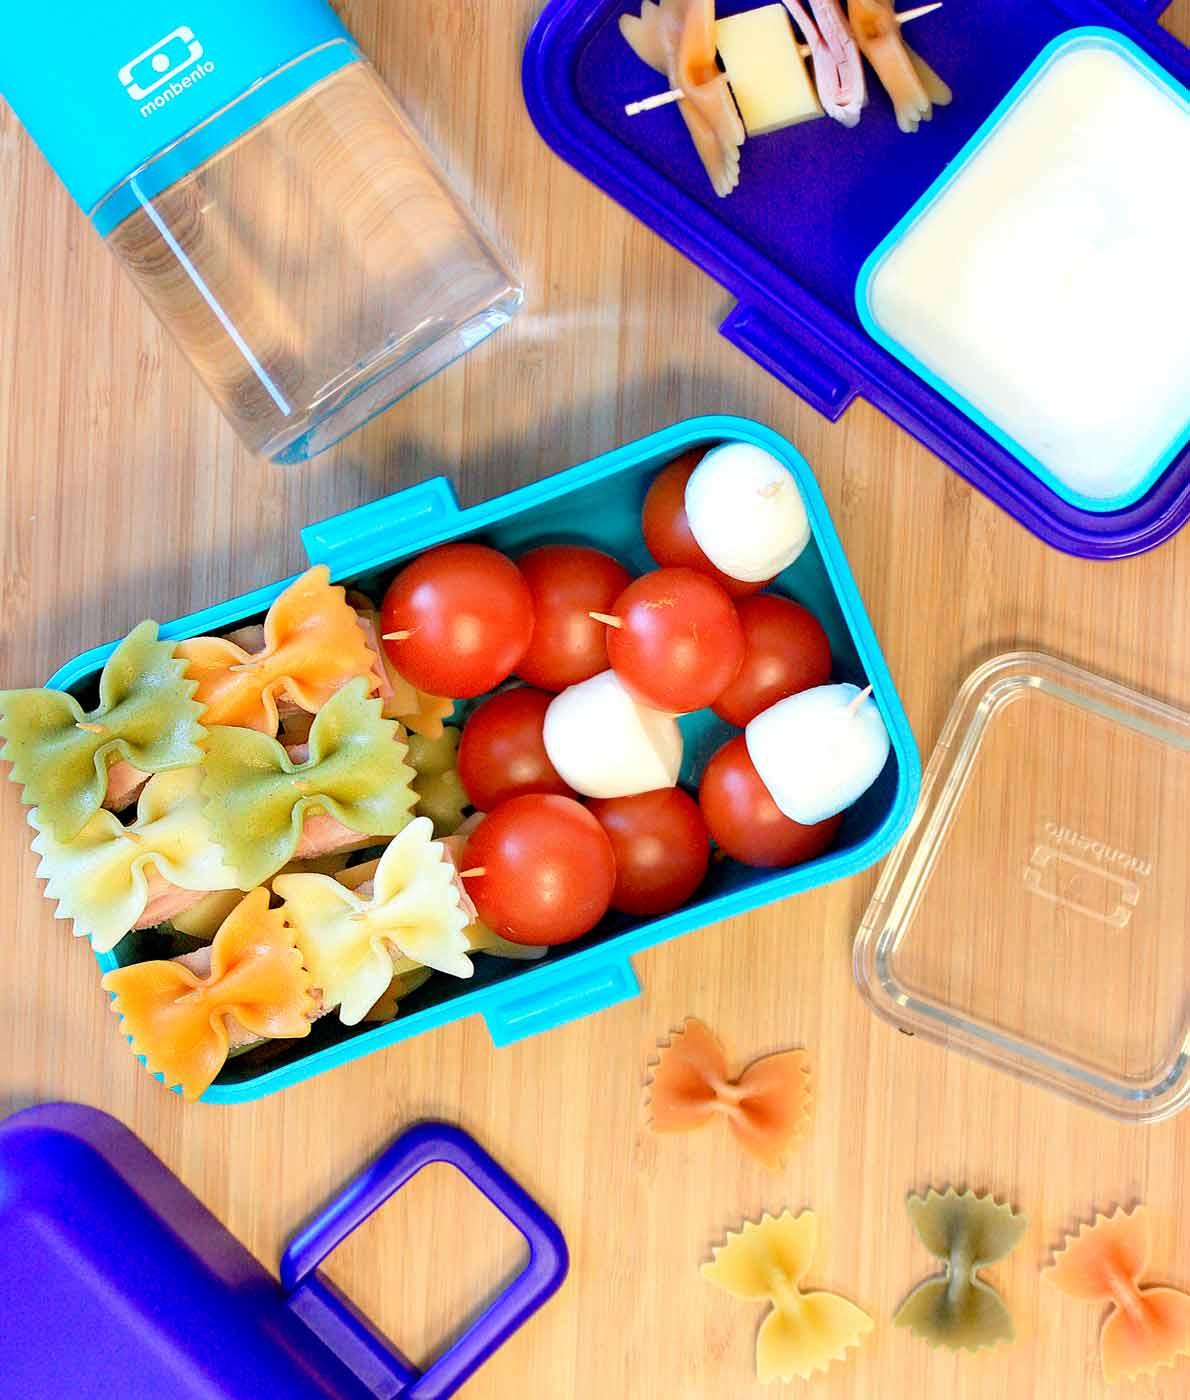 Spaendende-madpakker-med-MB-Tresor